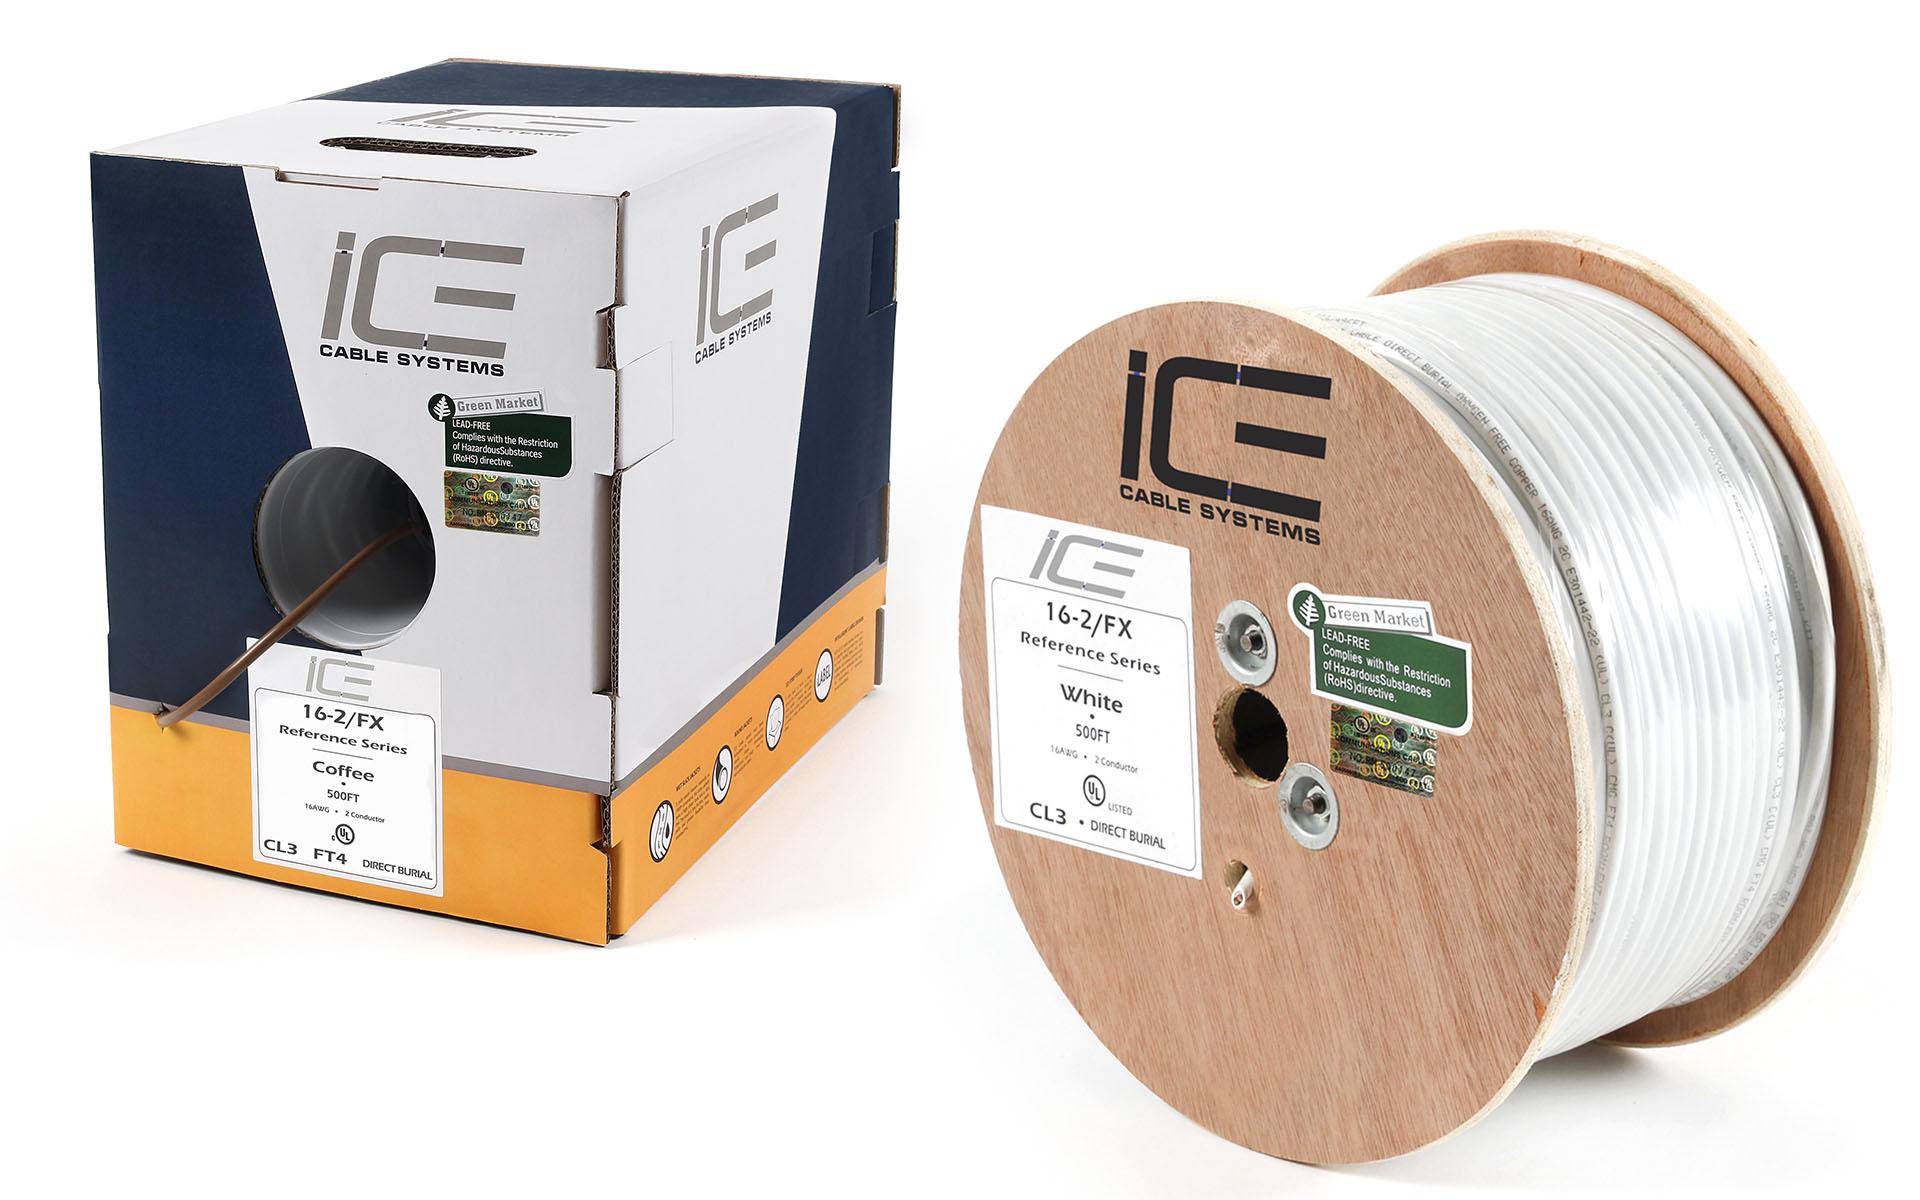 Надёжные кабели для инсталляций от компании ICE Cable